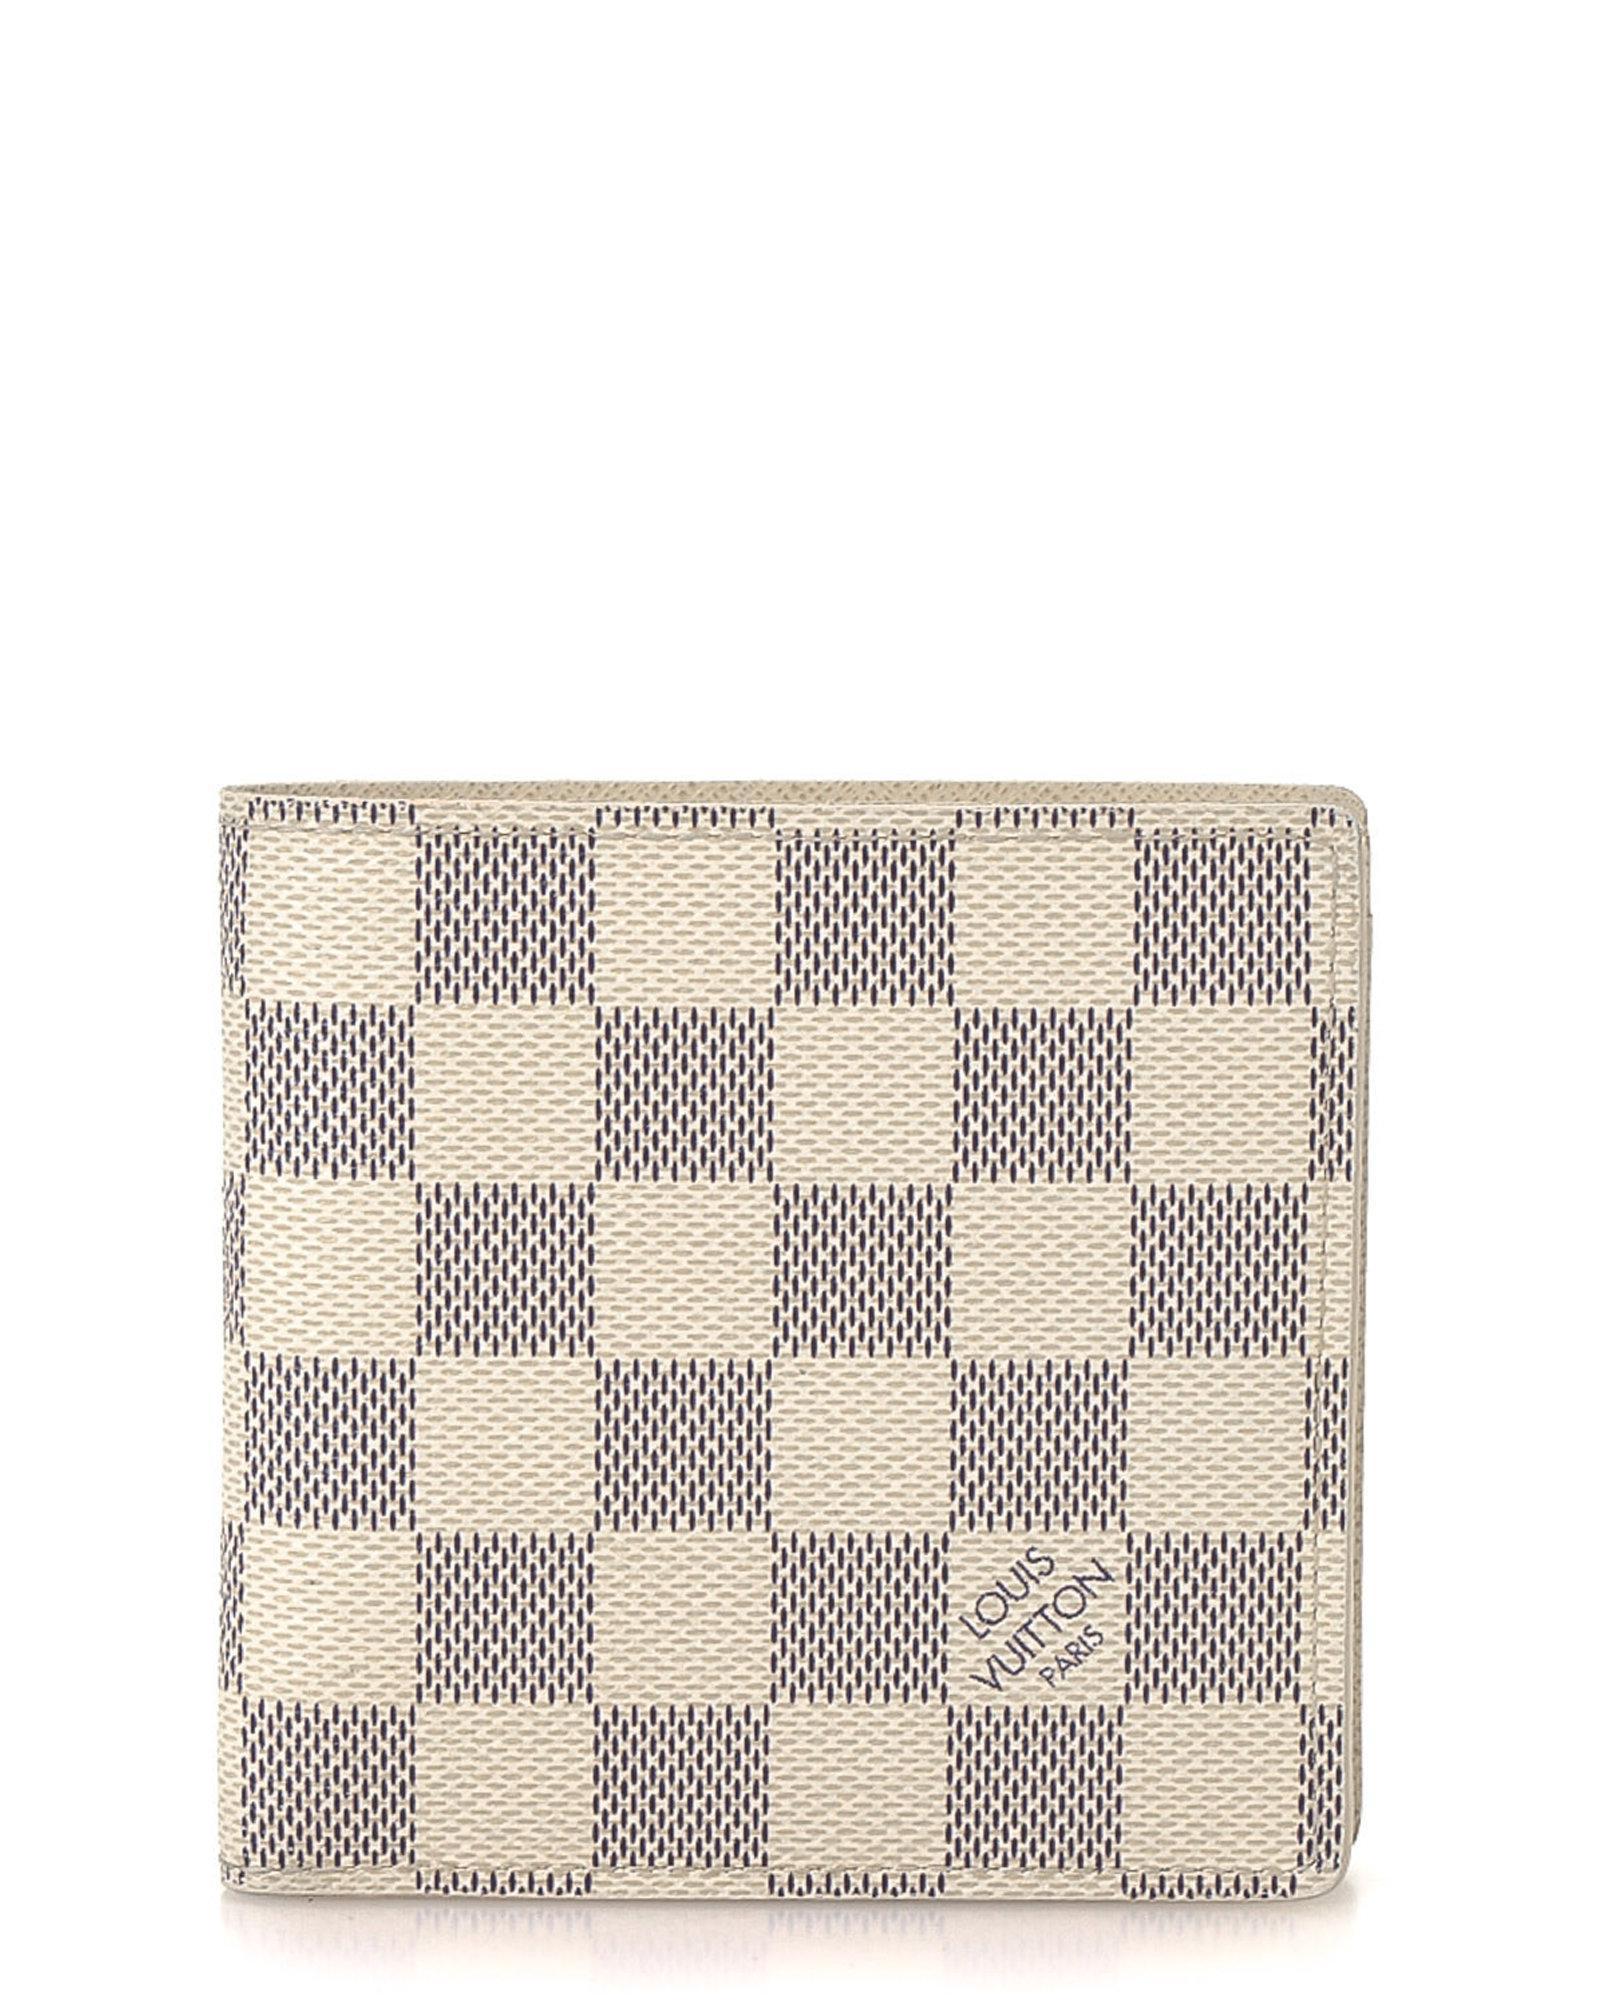 7d4e6086ef46 Lyst - Louis Vuitton Damier Azur Marco Wallet - Vintage in White